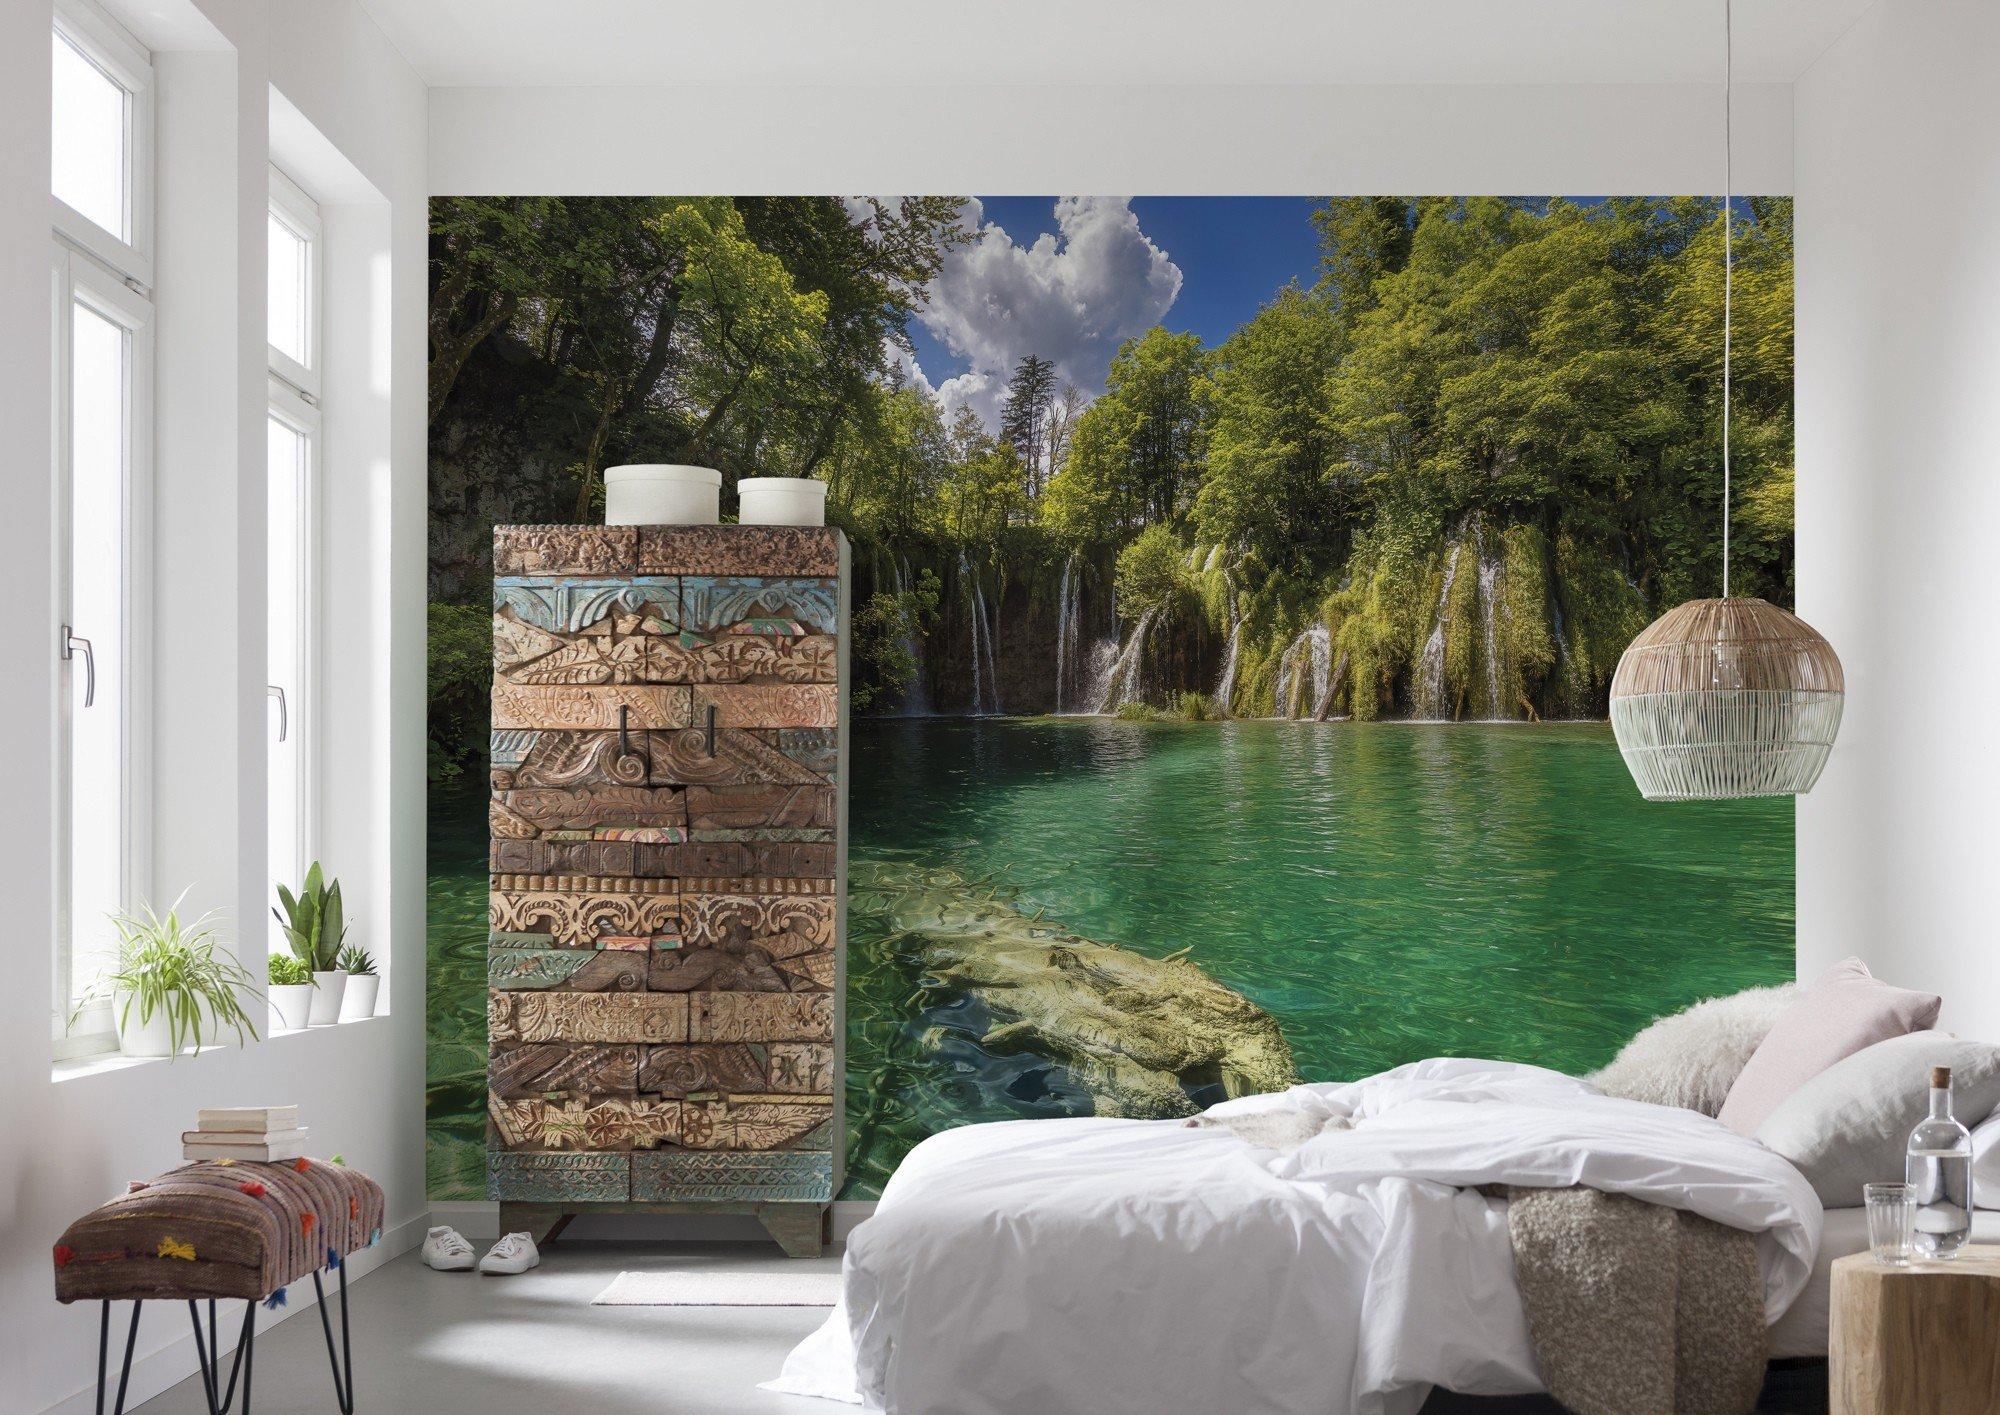 Фотообои с озером и деревьями